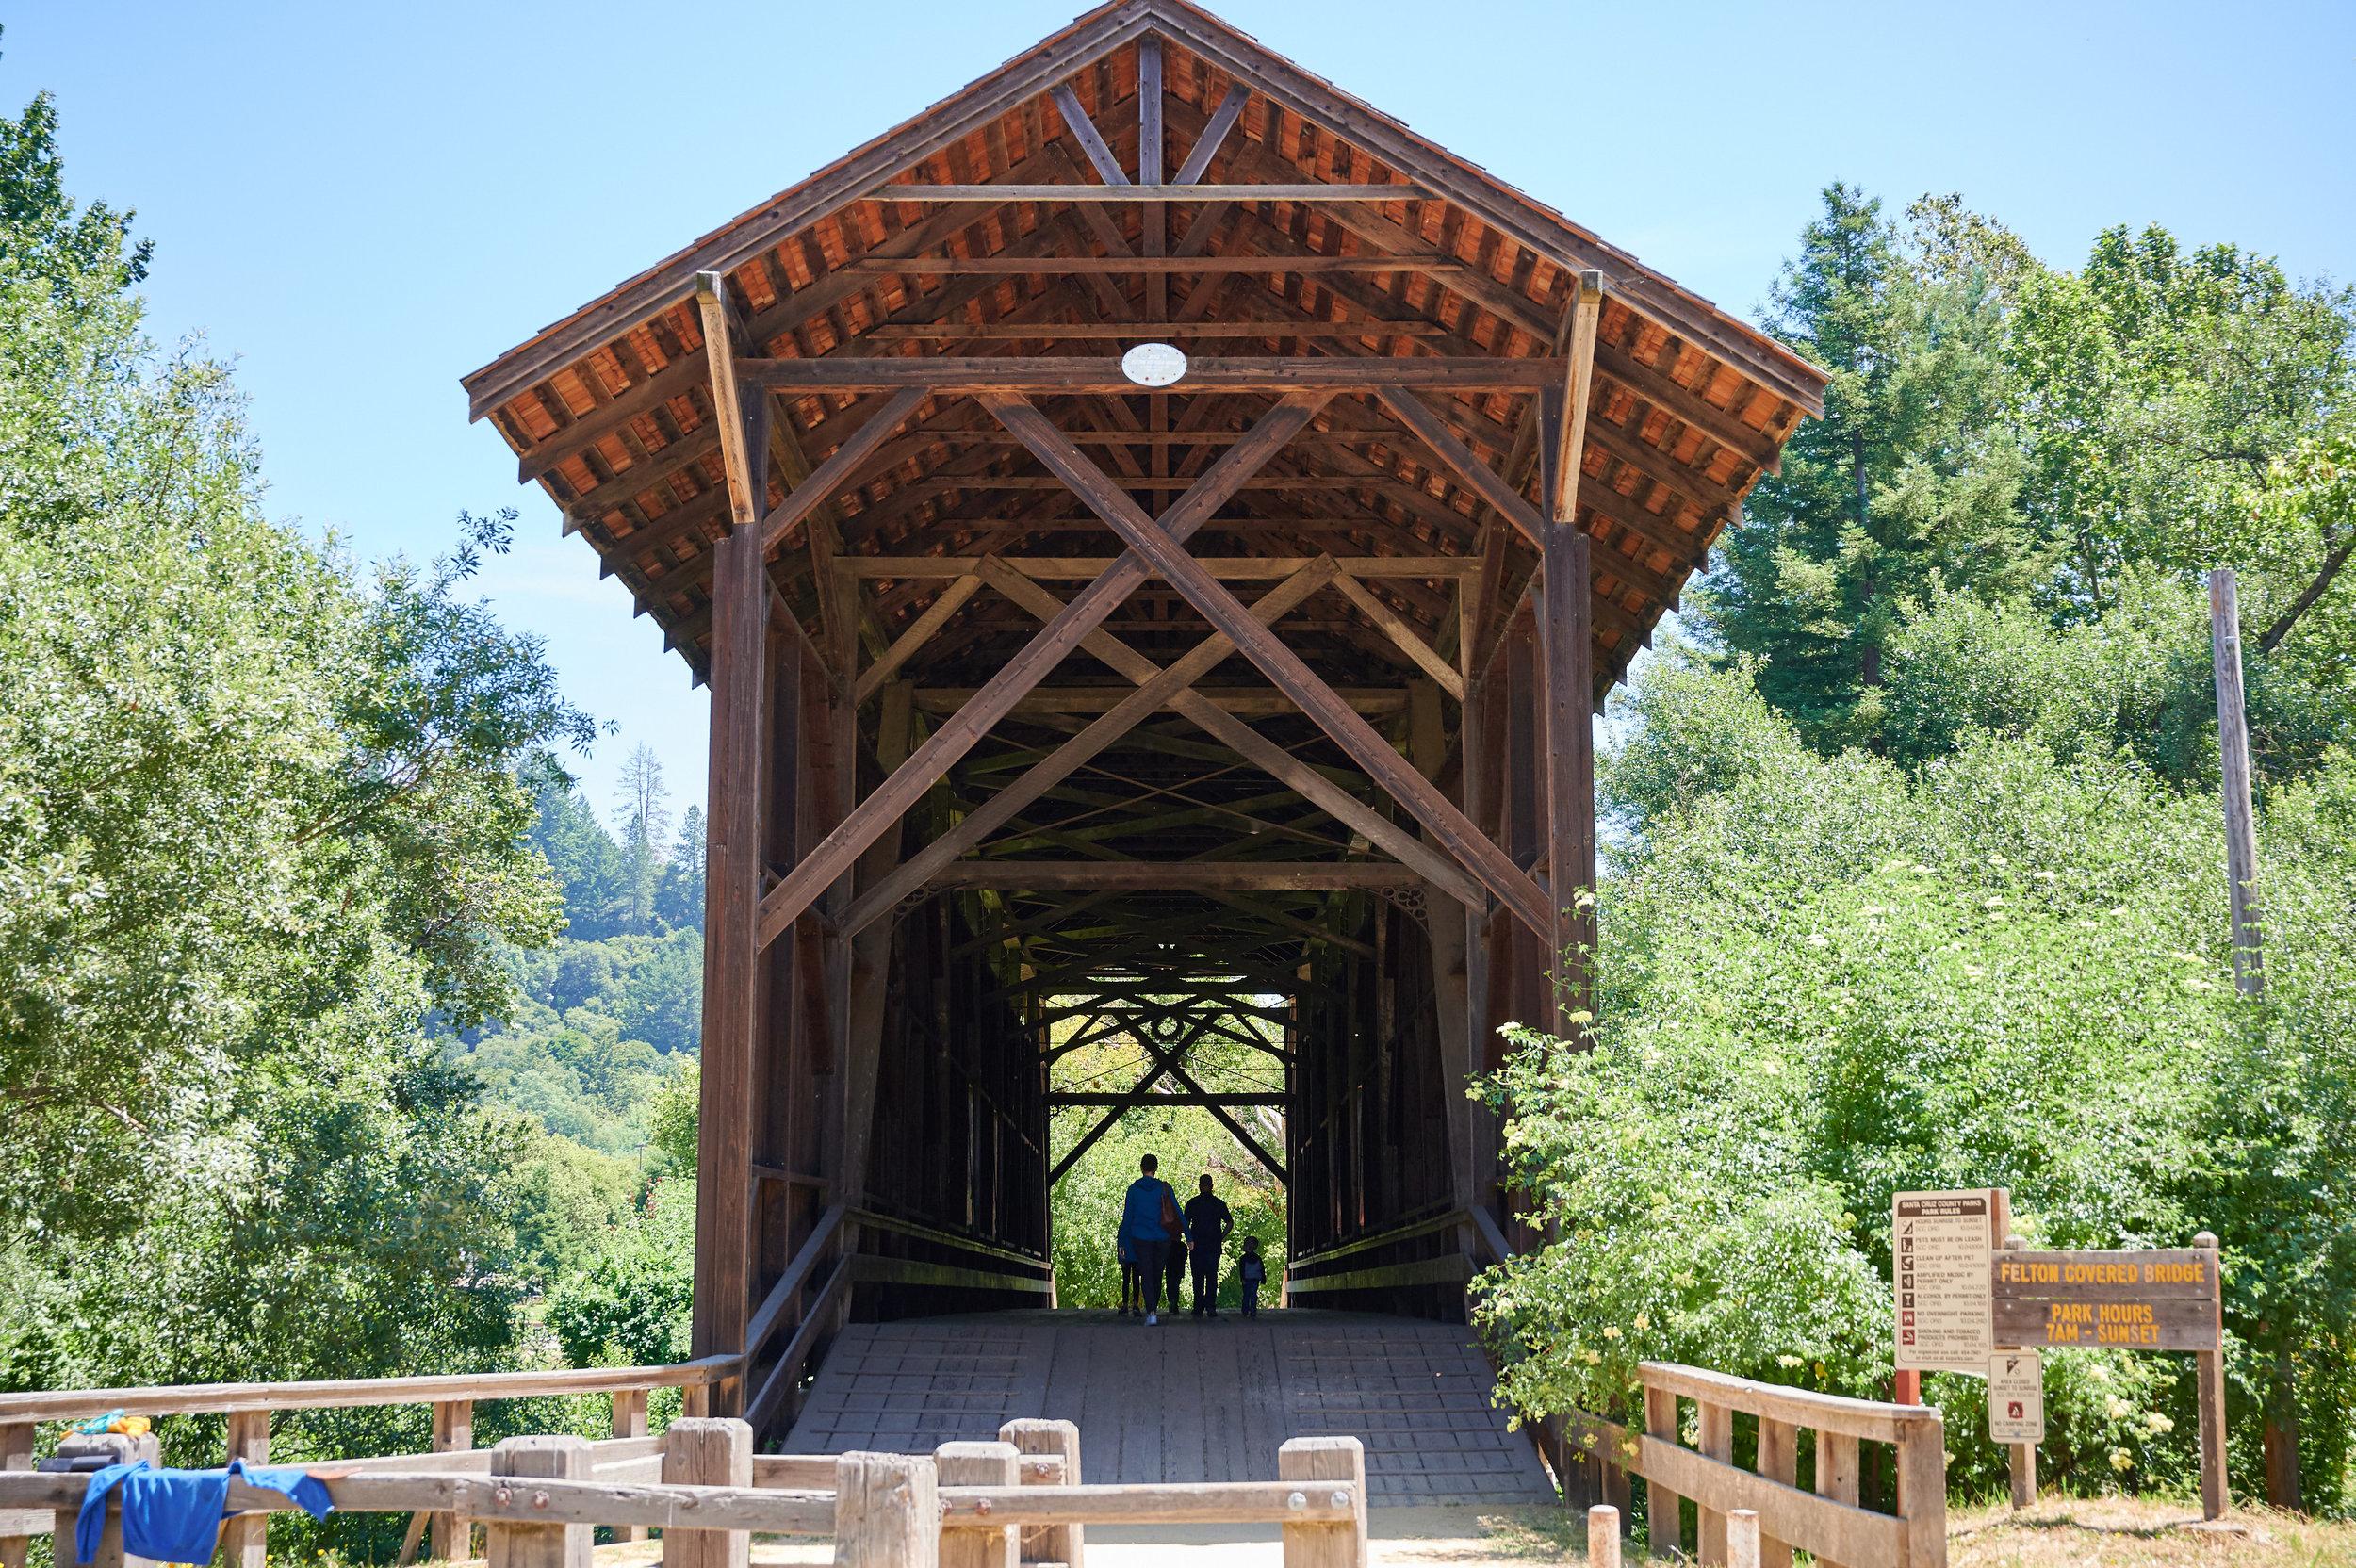 felton-guild-and-covered-bridge-2019-07-09-37.jpg